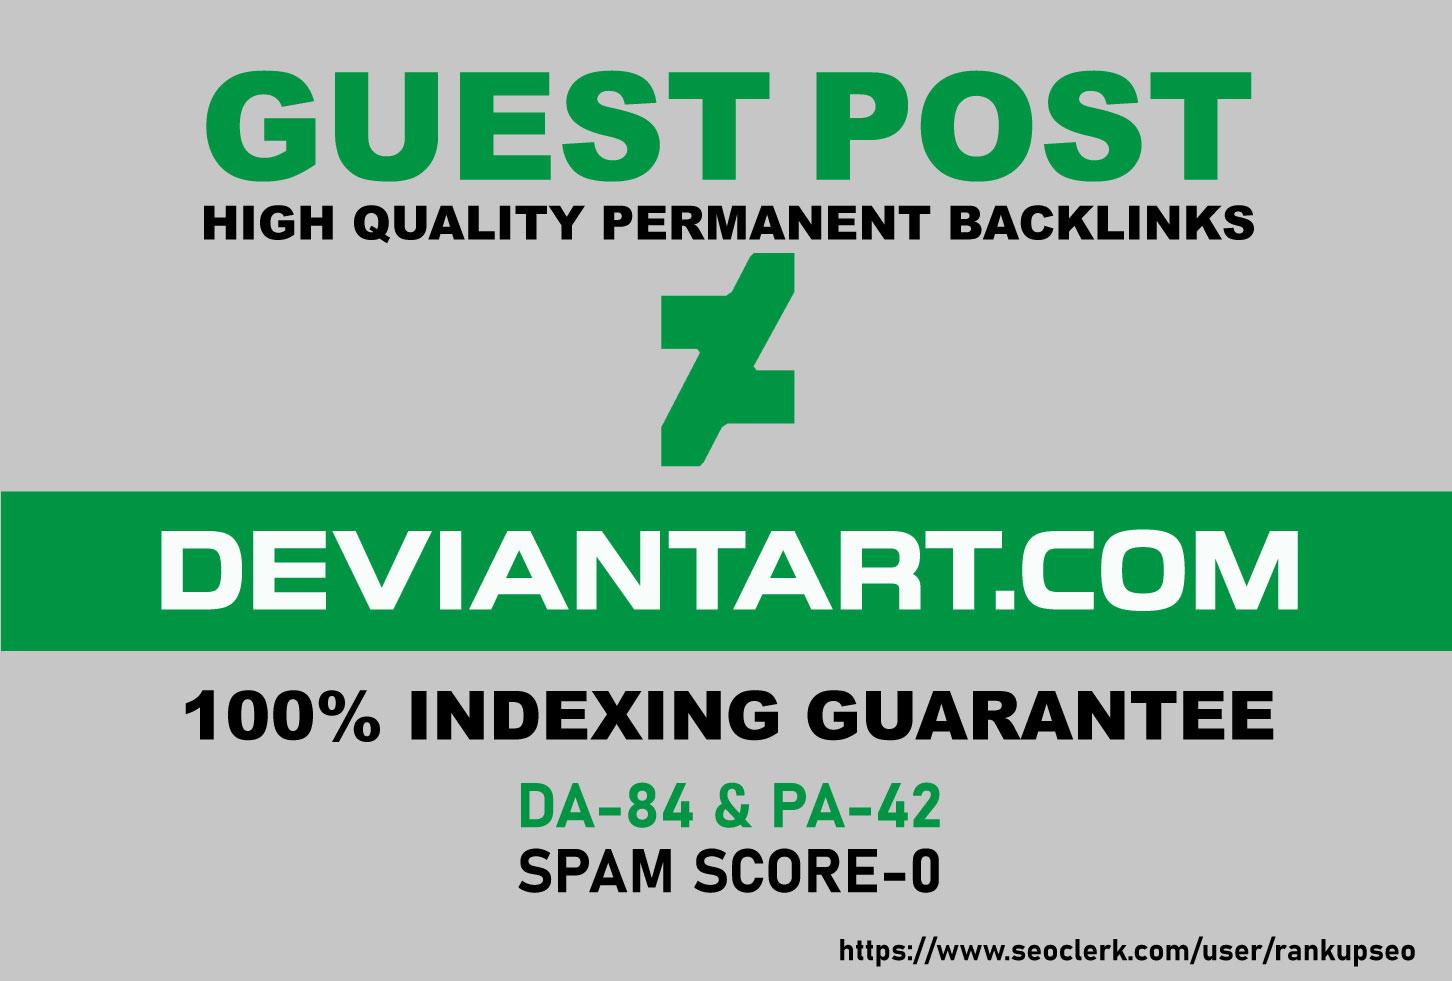 Publish A Guest Blog Post On deviantart. com DA-84 With 100 Indexing guarantee